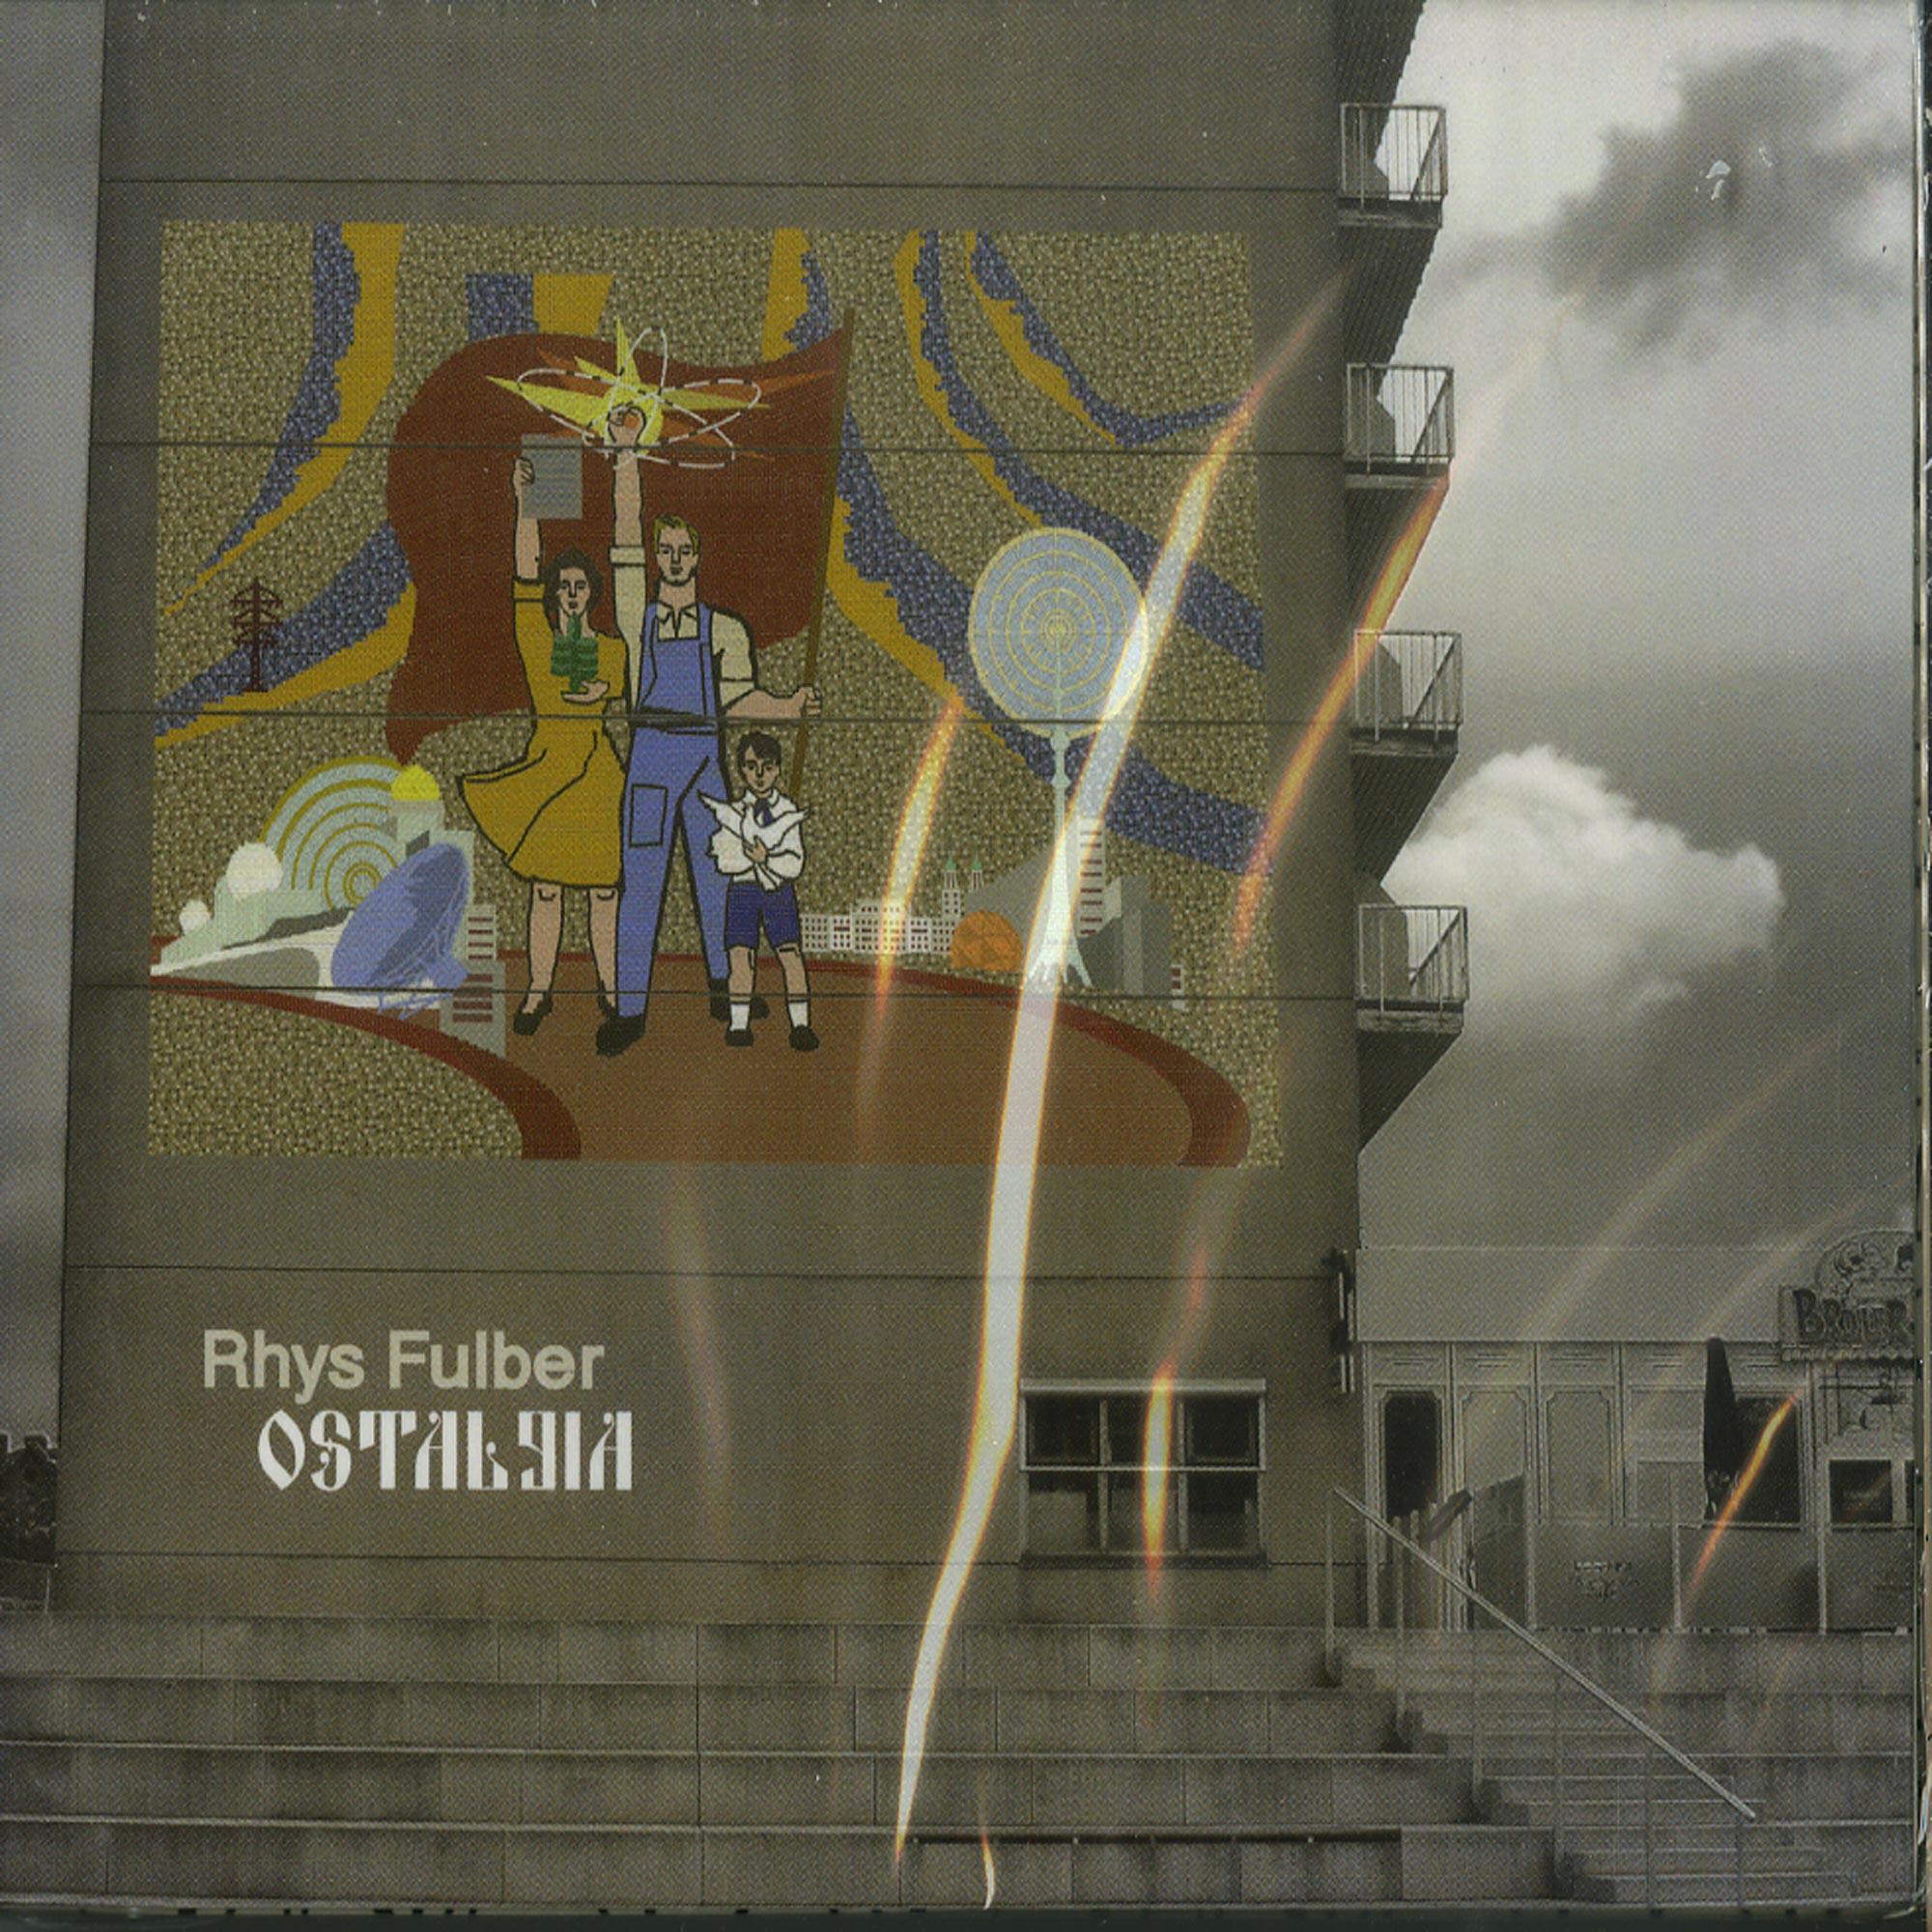 Rhys Fulber - OSTALGIA